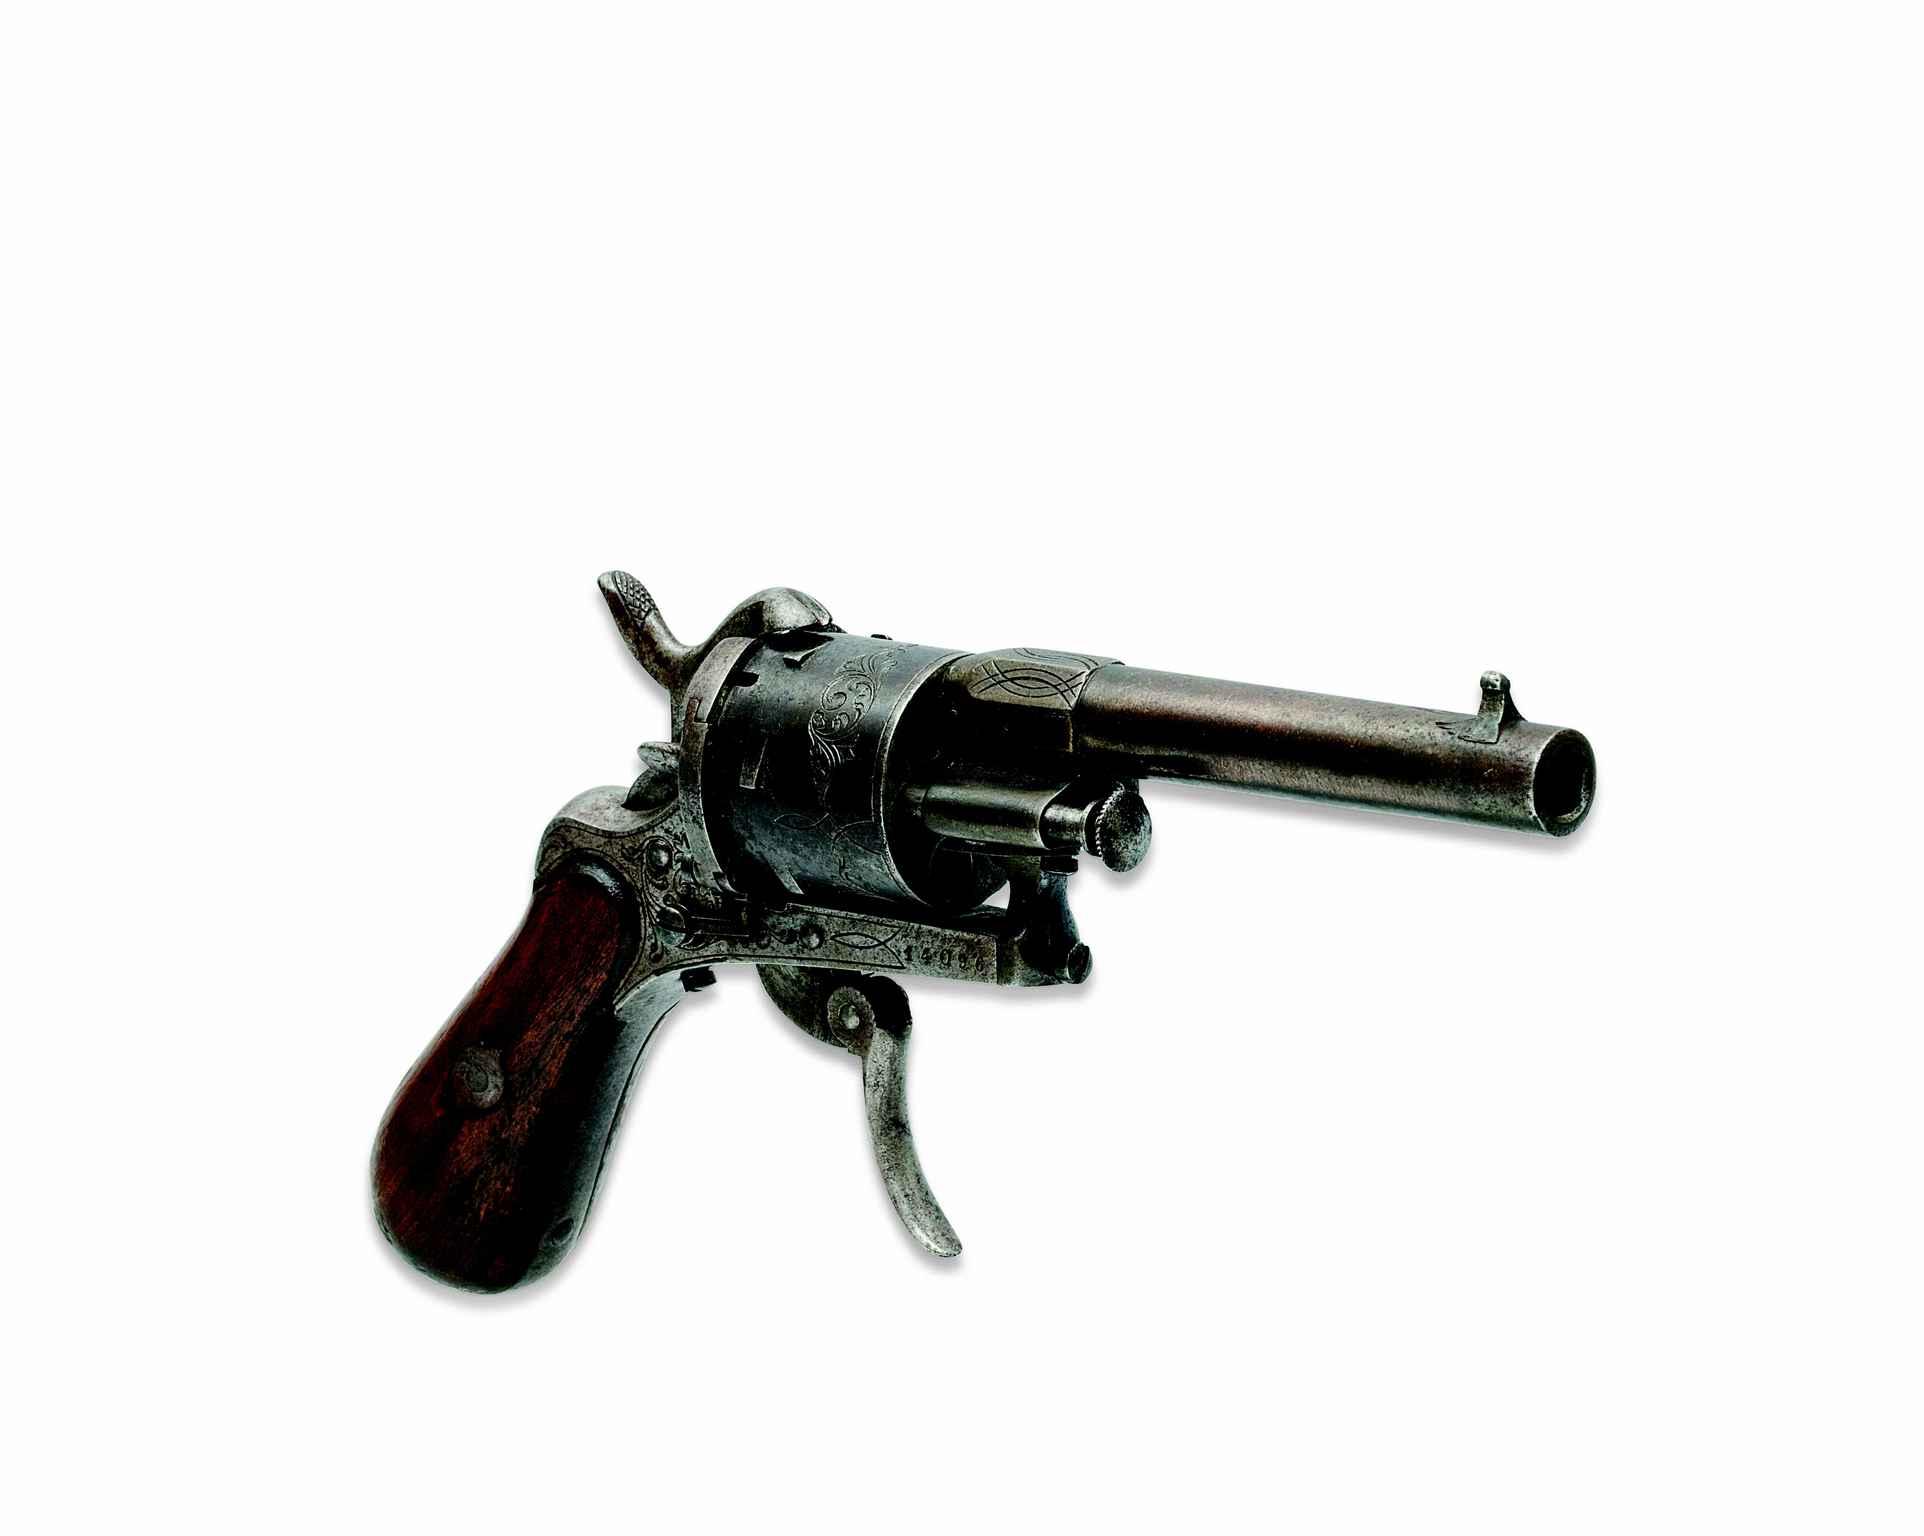 Le revolver avec lequel Verlaine blessa Rimbaud vendu 434.500 euros